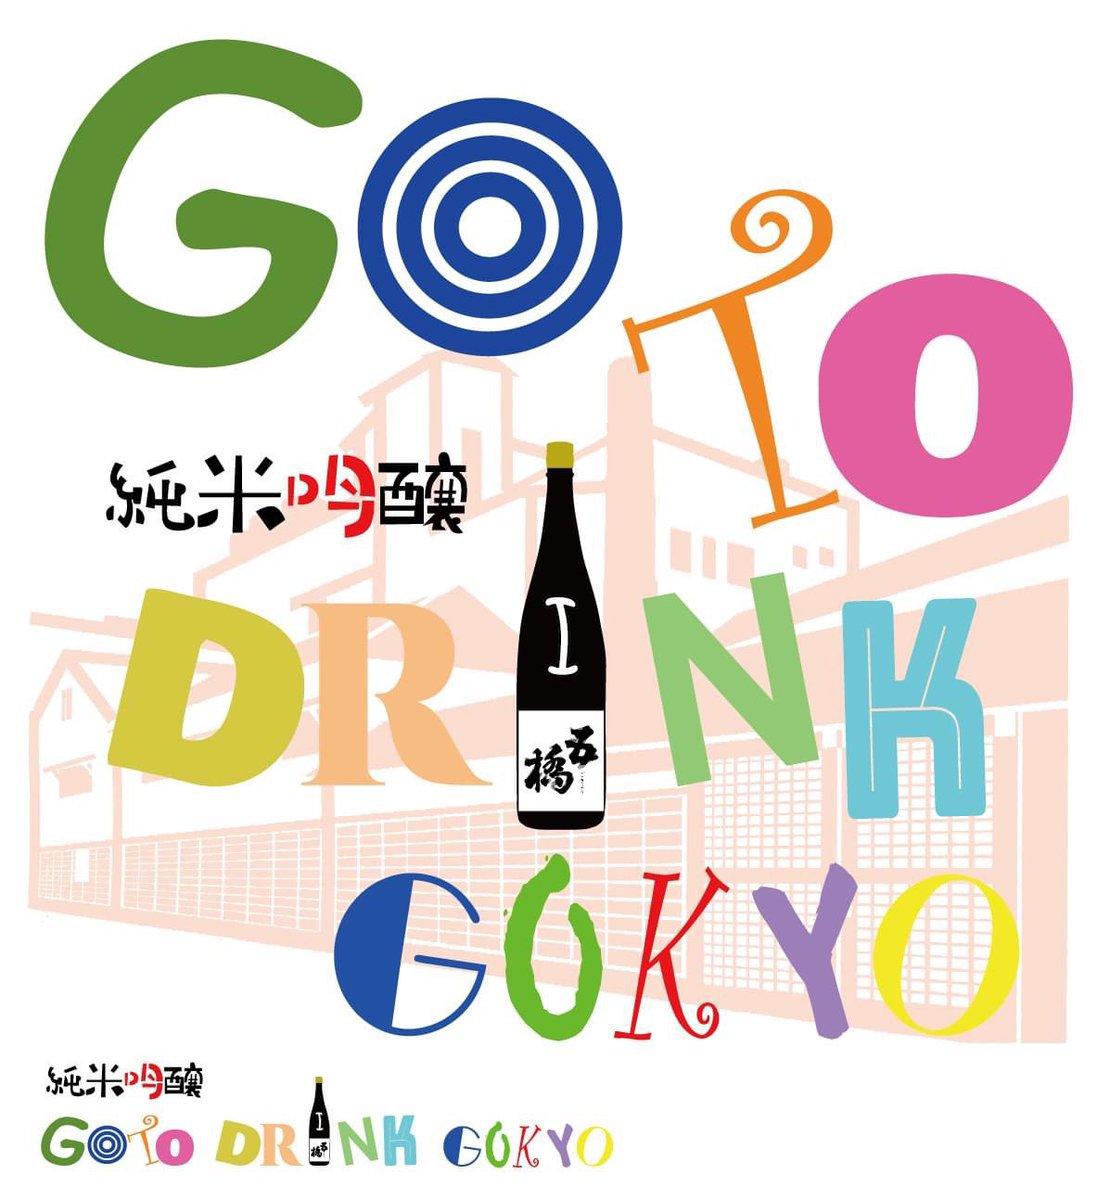 test ツイッターメディア - 今夜はご予約満席です(5名ですけどね) 11/23と24は連休をいたします また水曜ランチからのお越しをお待ちしておりますm(__)m 山口県酒井酒造五橋のスペシャル酒「Go To Drink Gokyo」❤️ コロナ禍だから出来ちゃった、超〜お得なブレンド酒です! ラベルも素敵でしょ? #五橋 #酒井酒造 #tono4122 https://t.co/c2HSyC9AXU